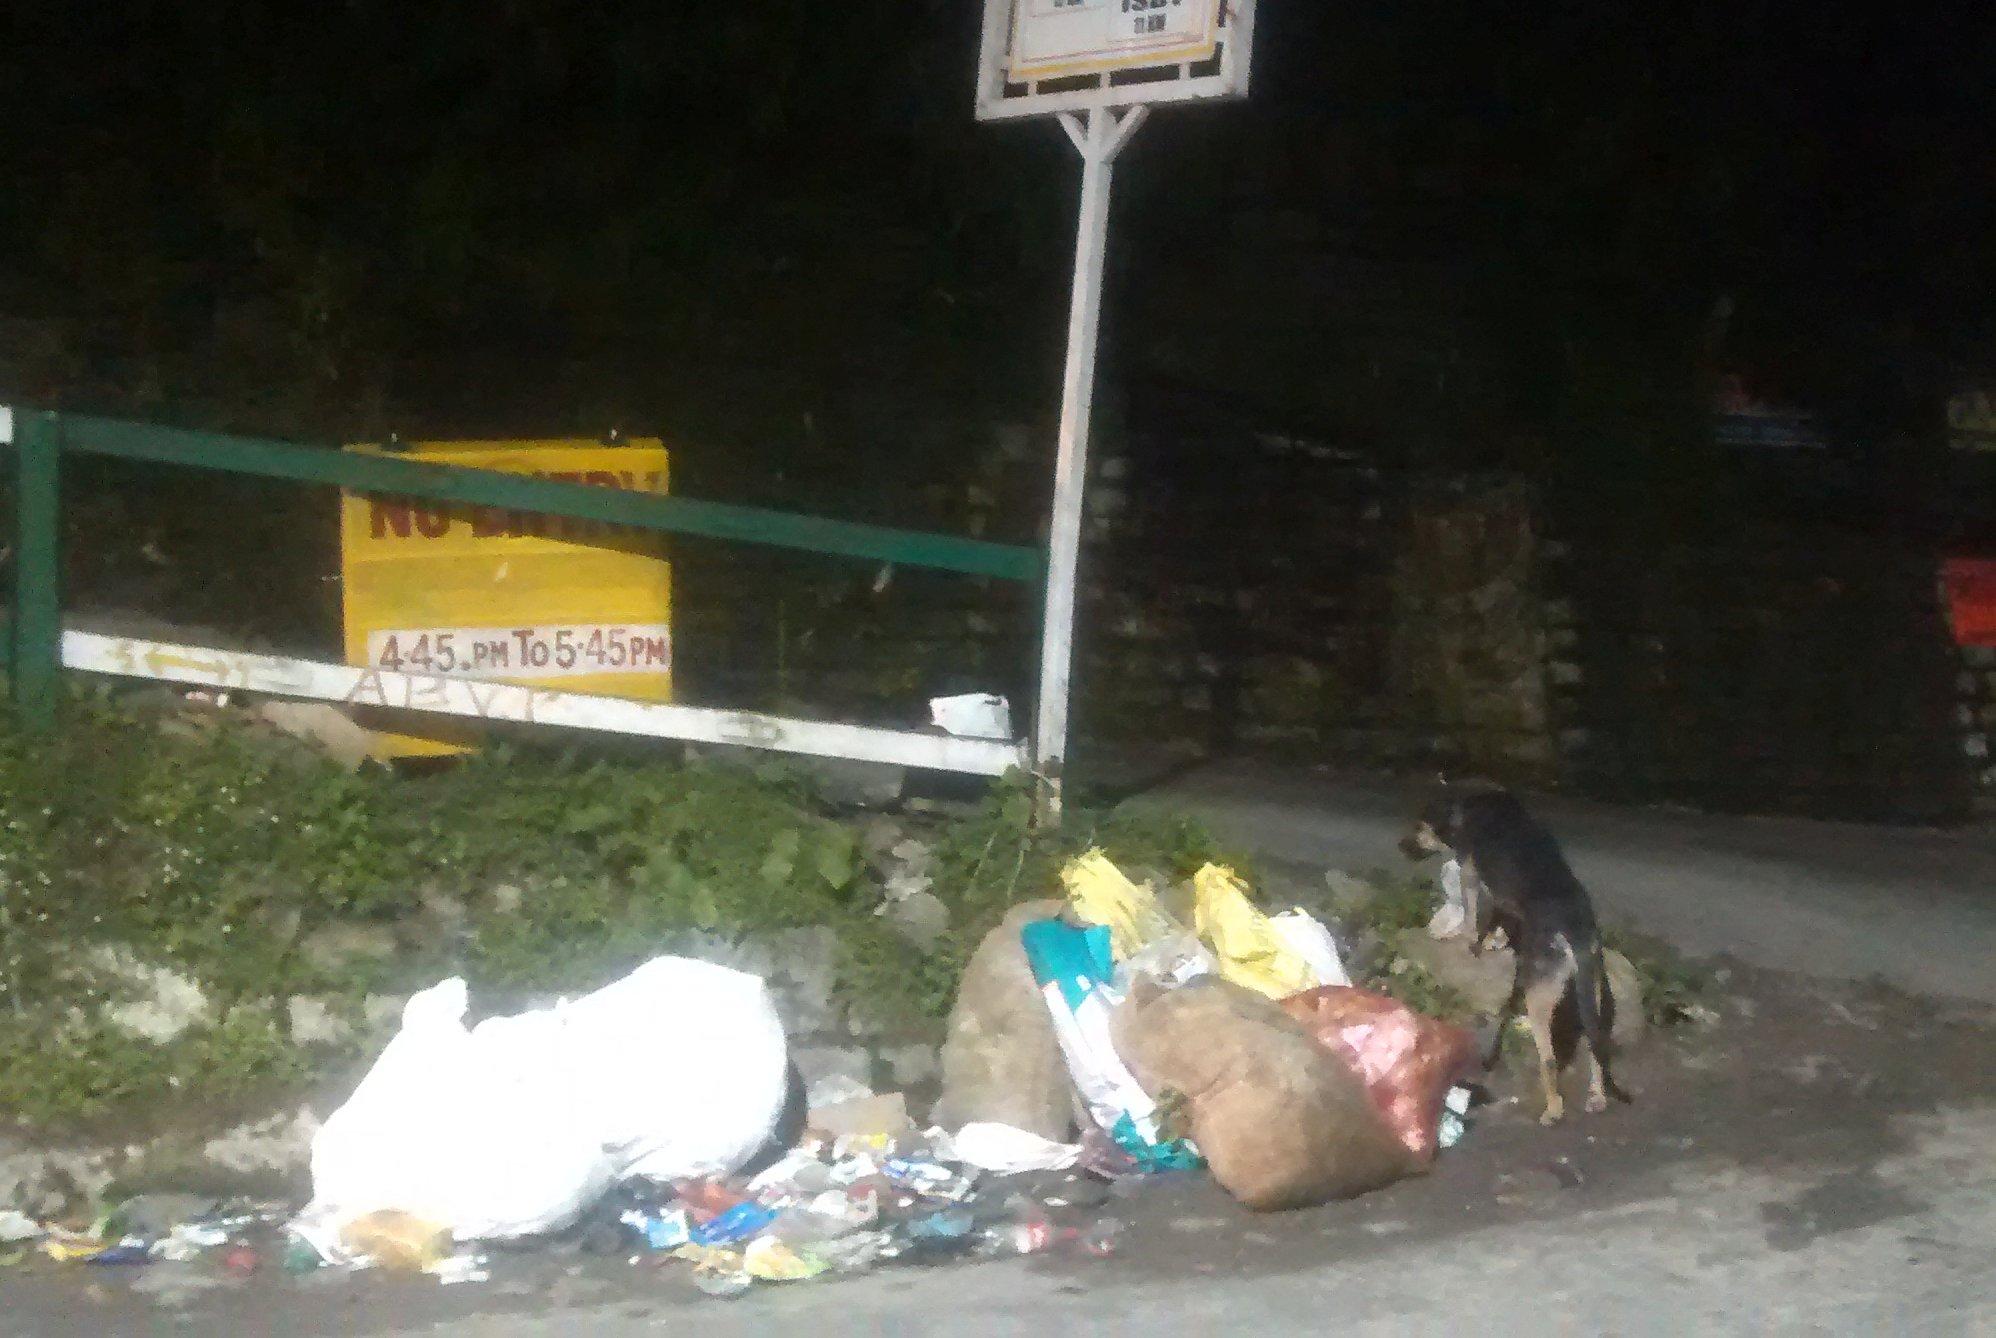 Garbage in panthaghati shimla